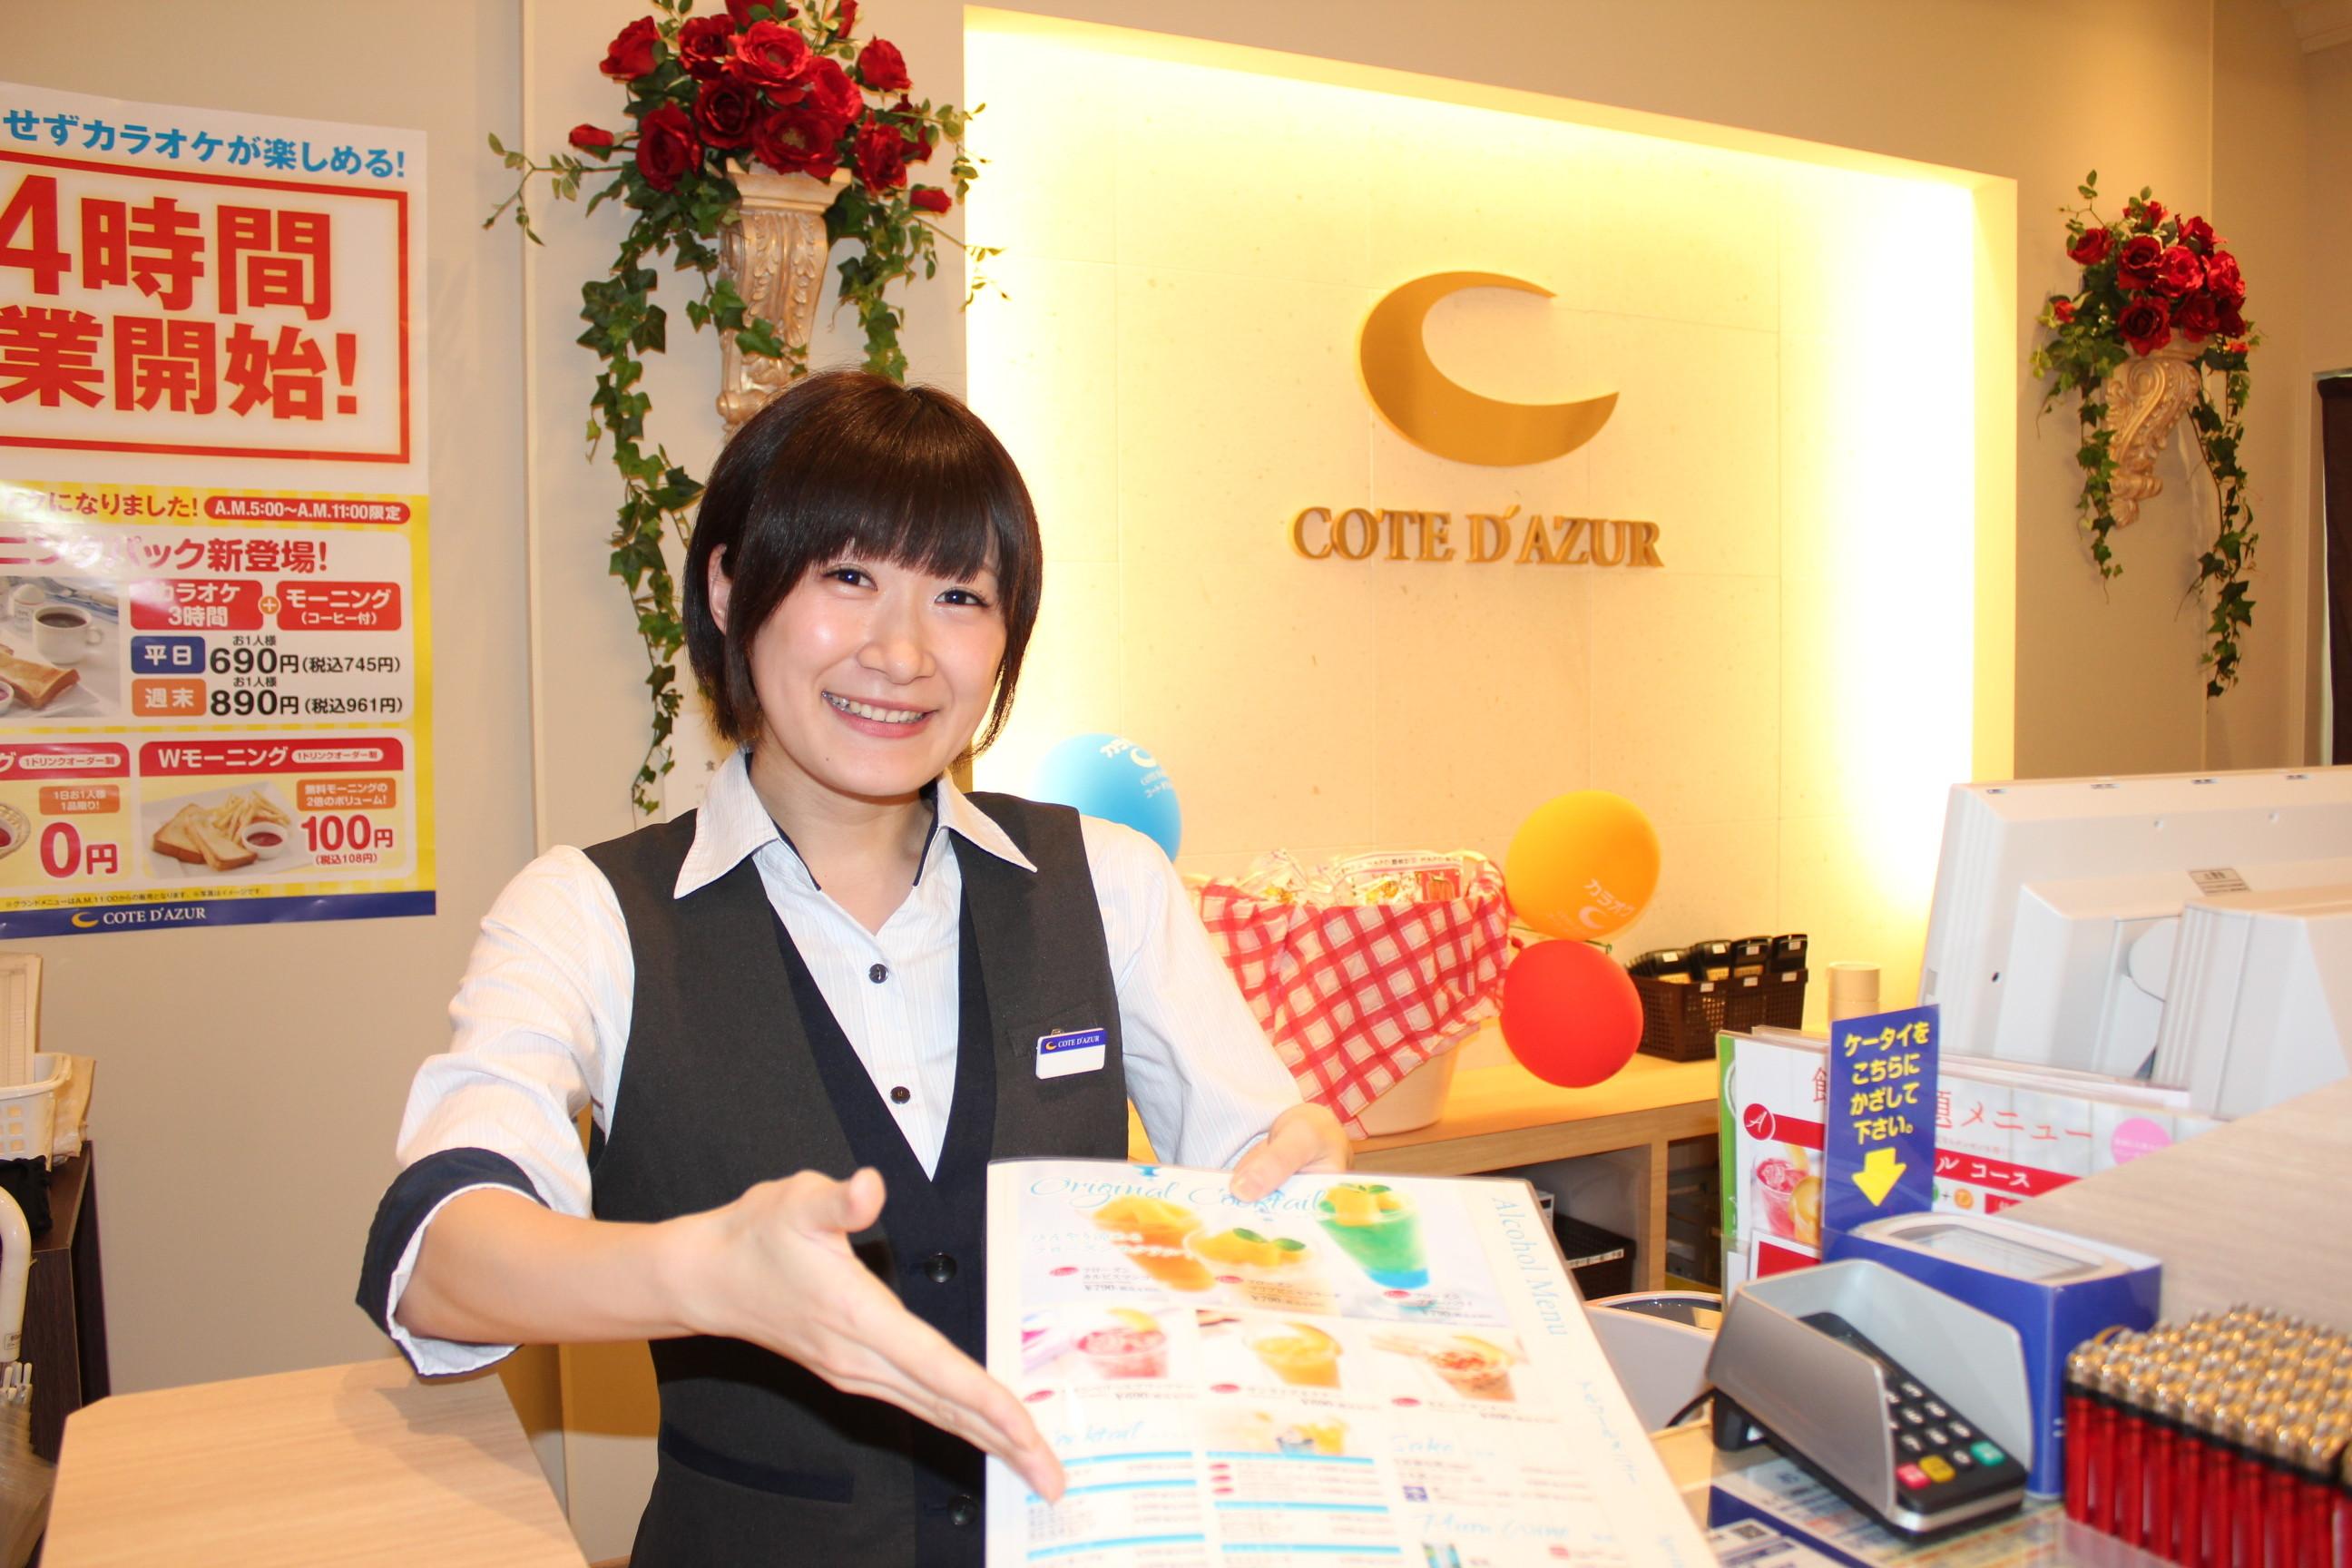 コート・ダジュール 赤坂店 のアルバイト情報